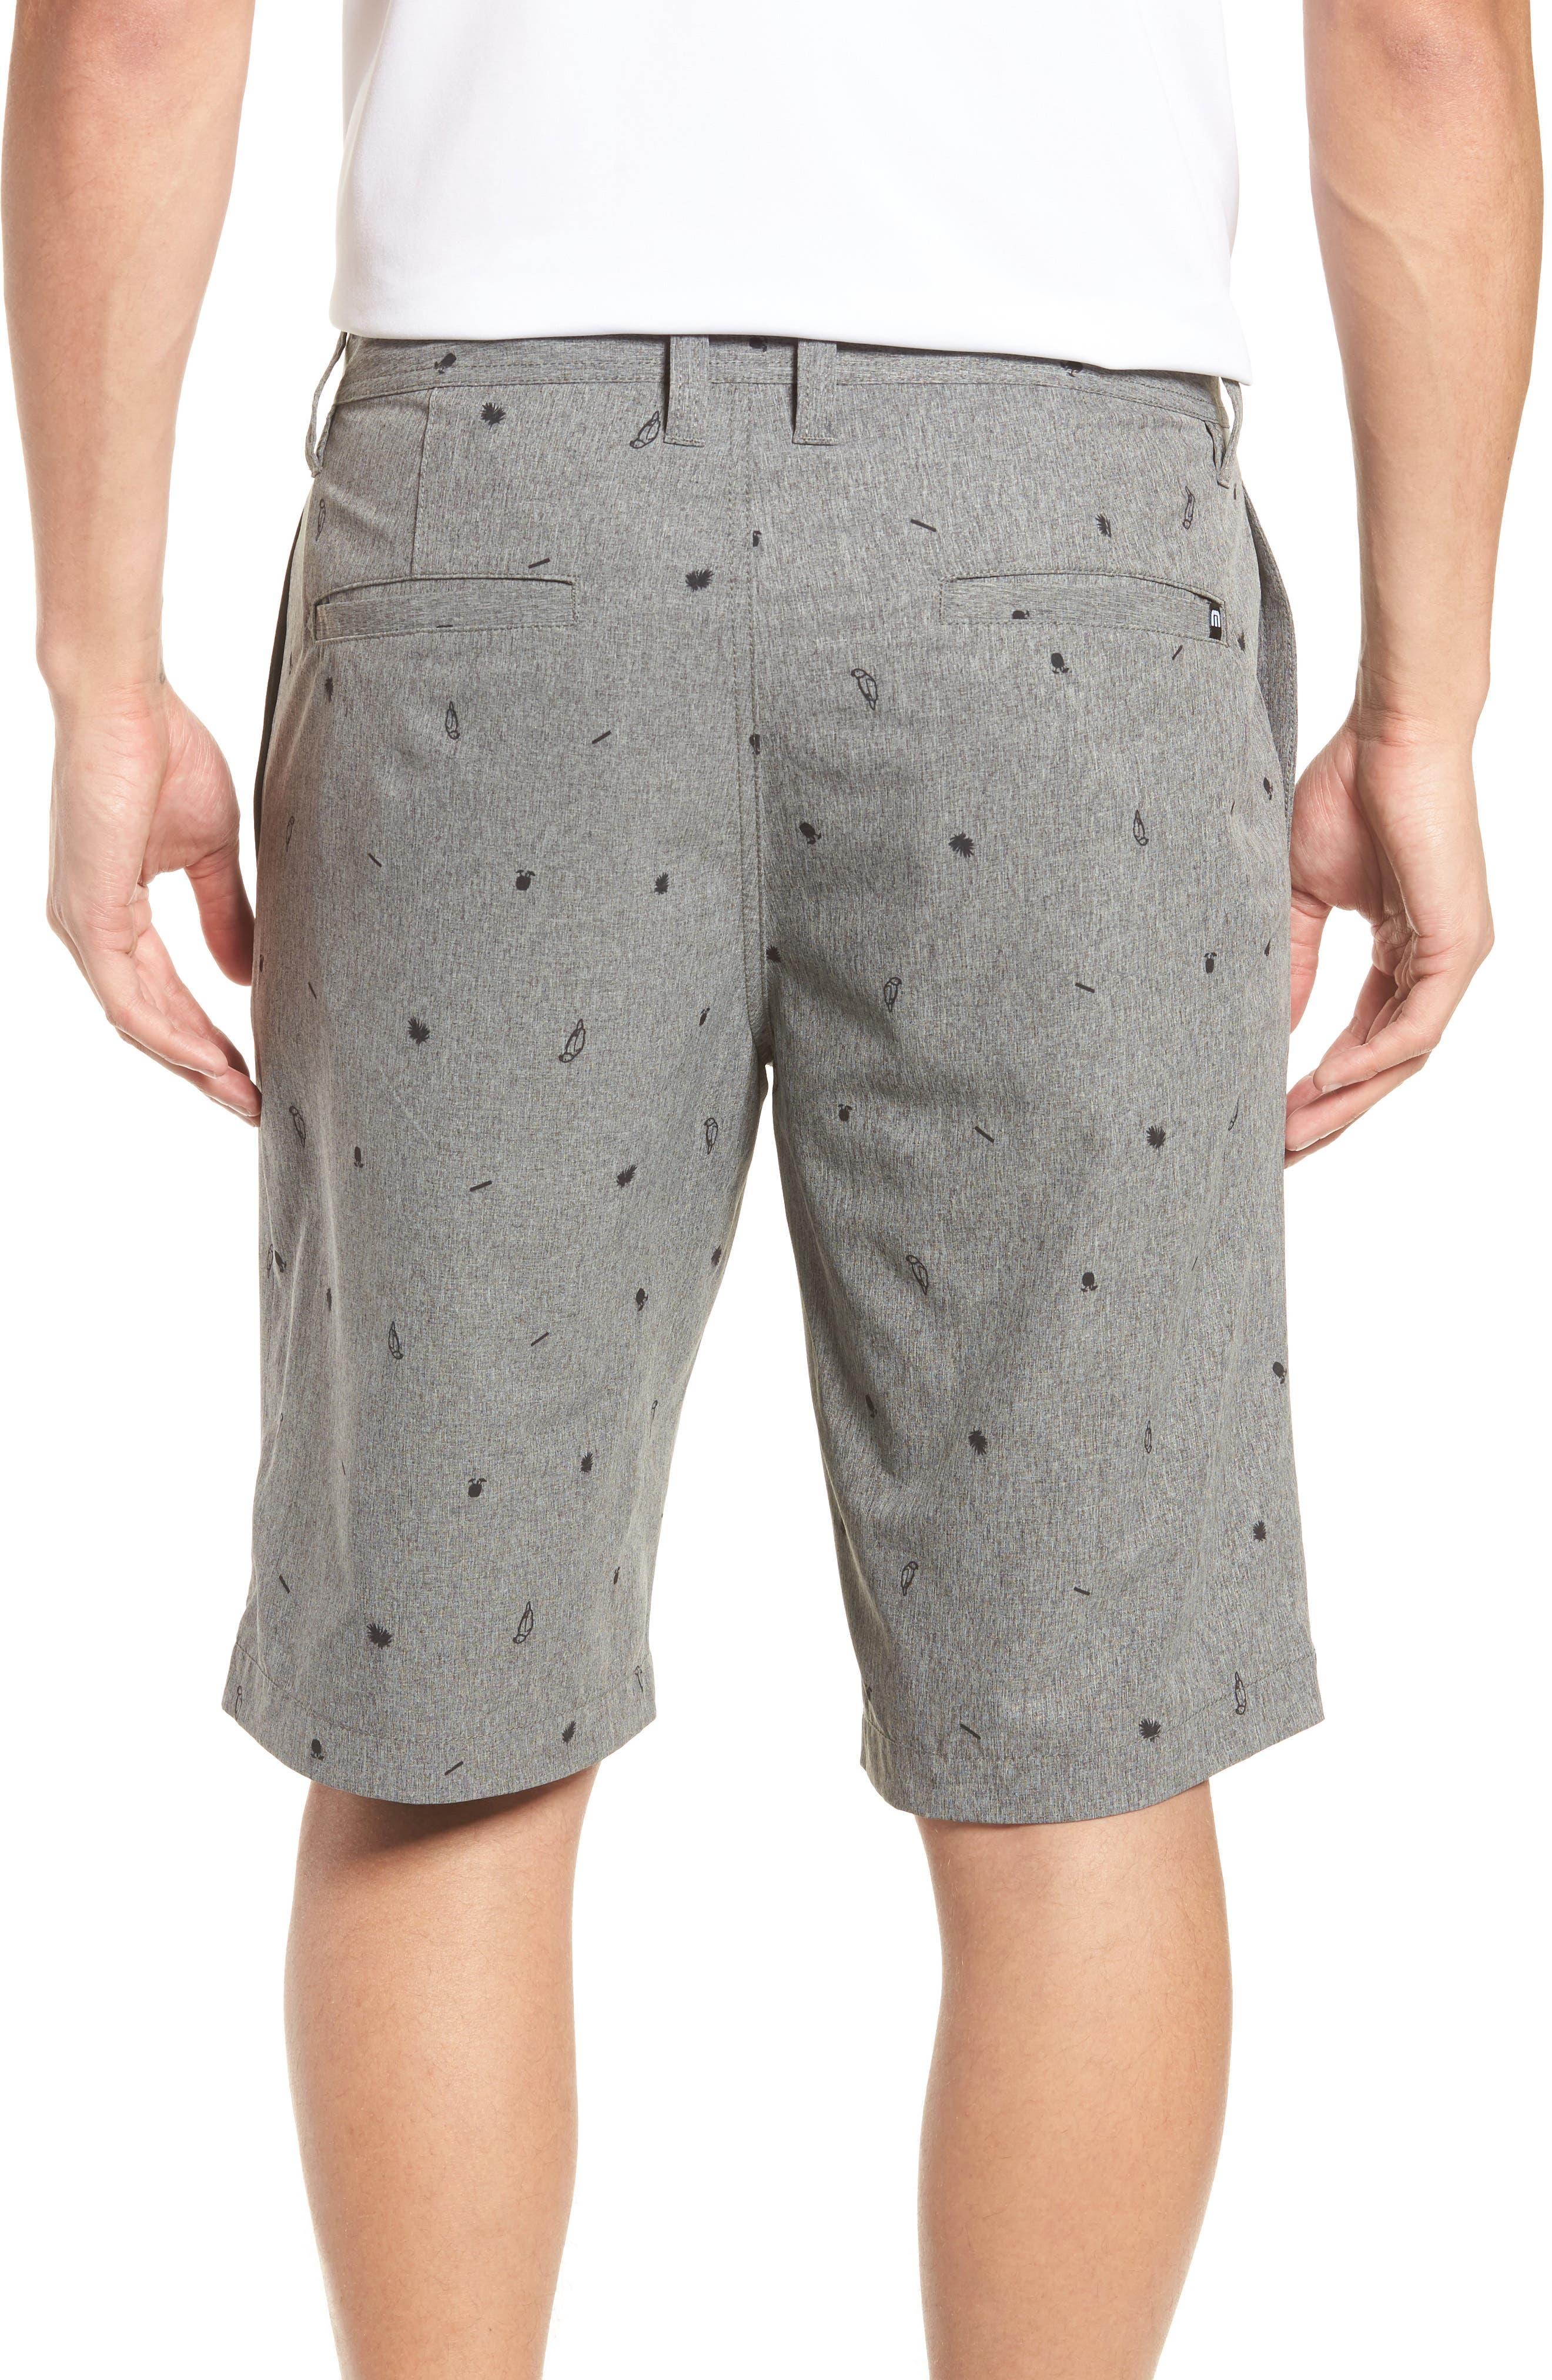 Panek Print Shorts,                             Alternate thumbnail 2, color,                             020